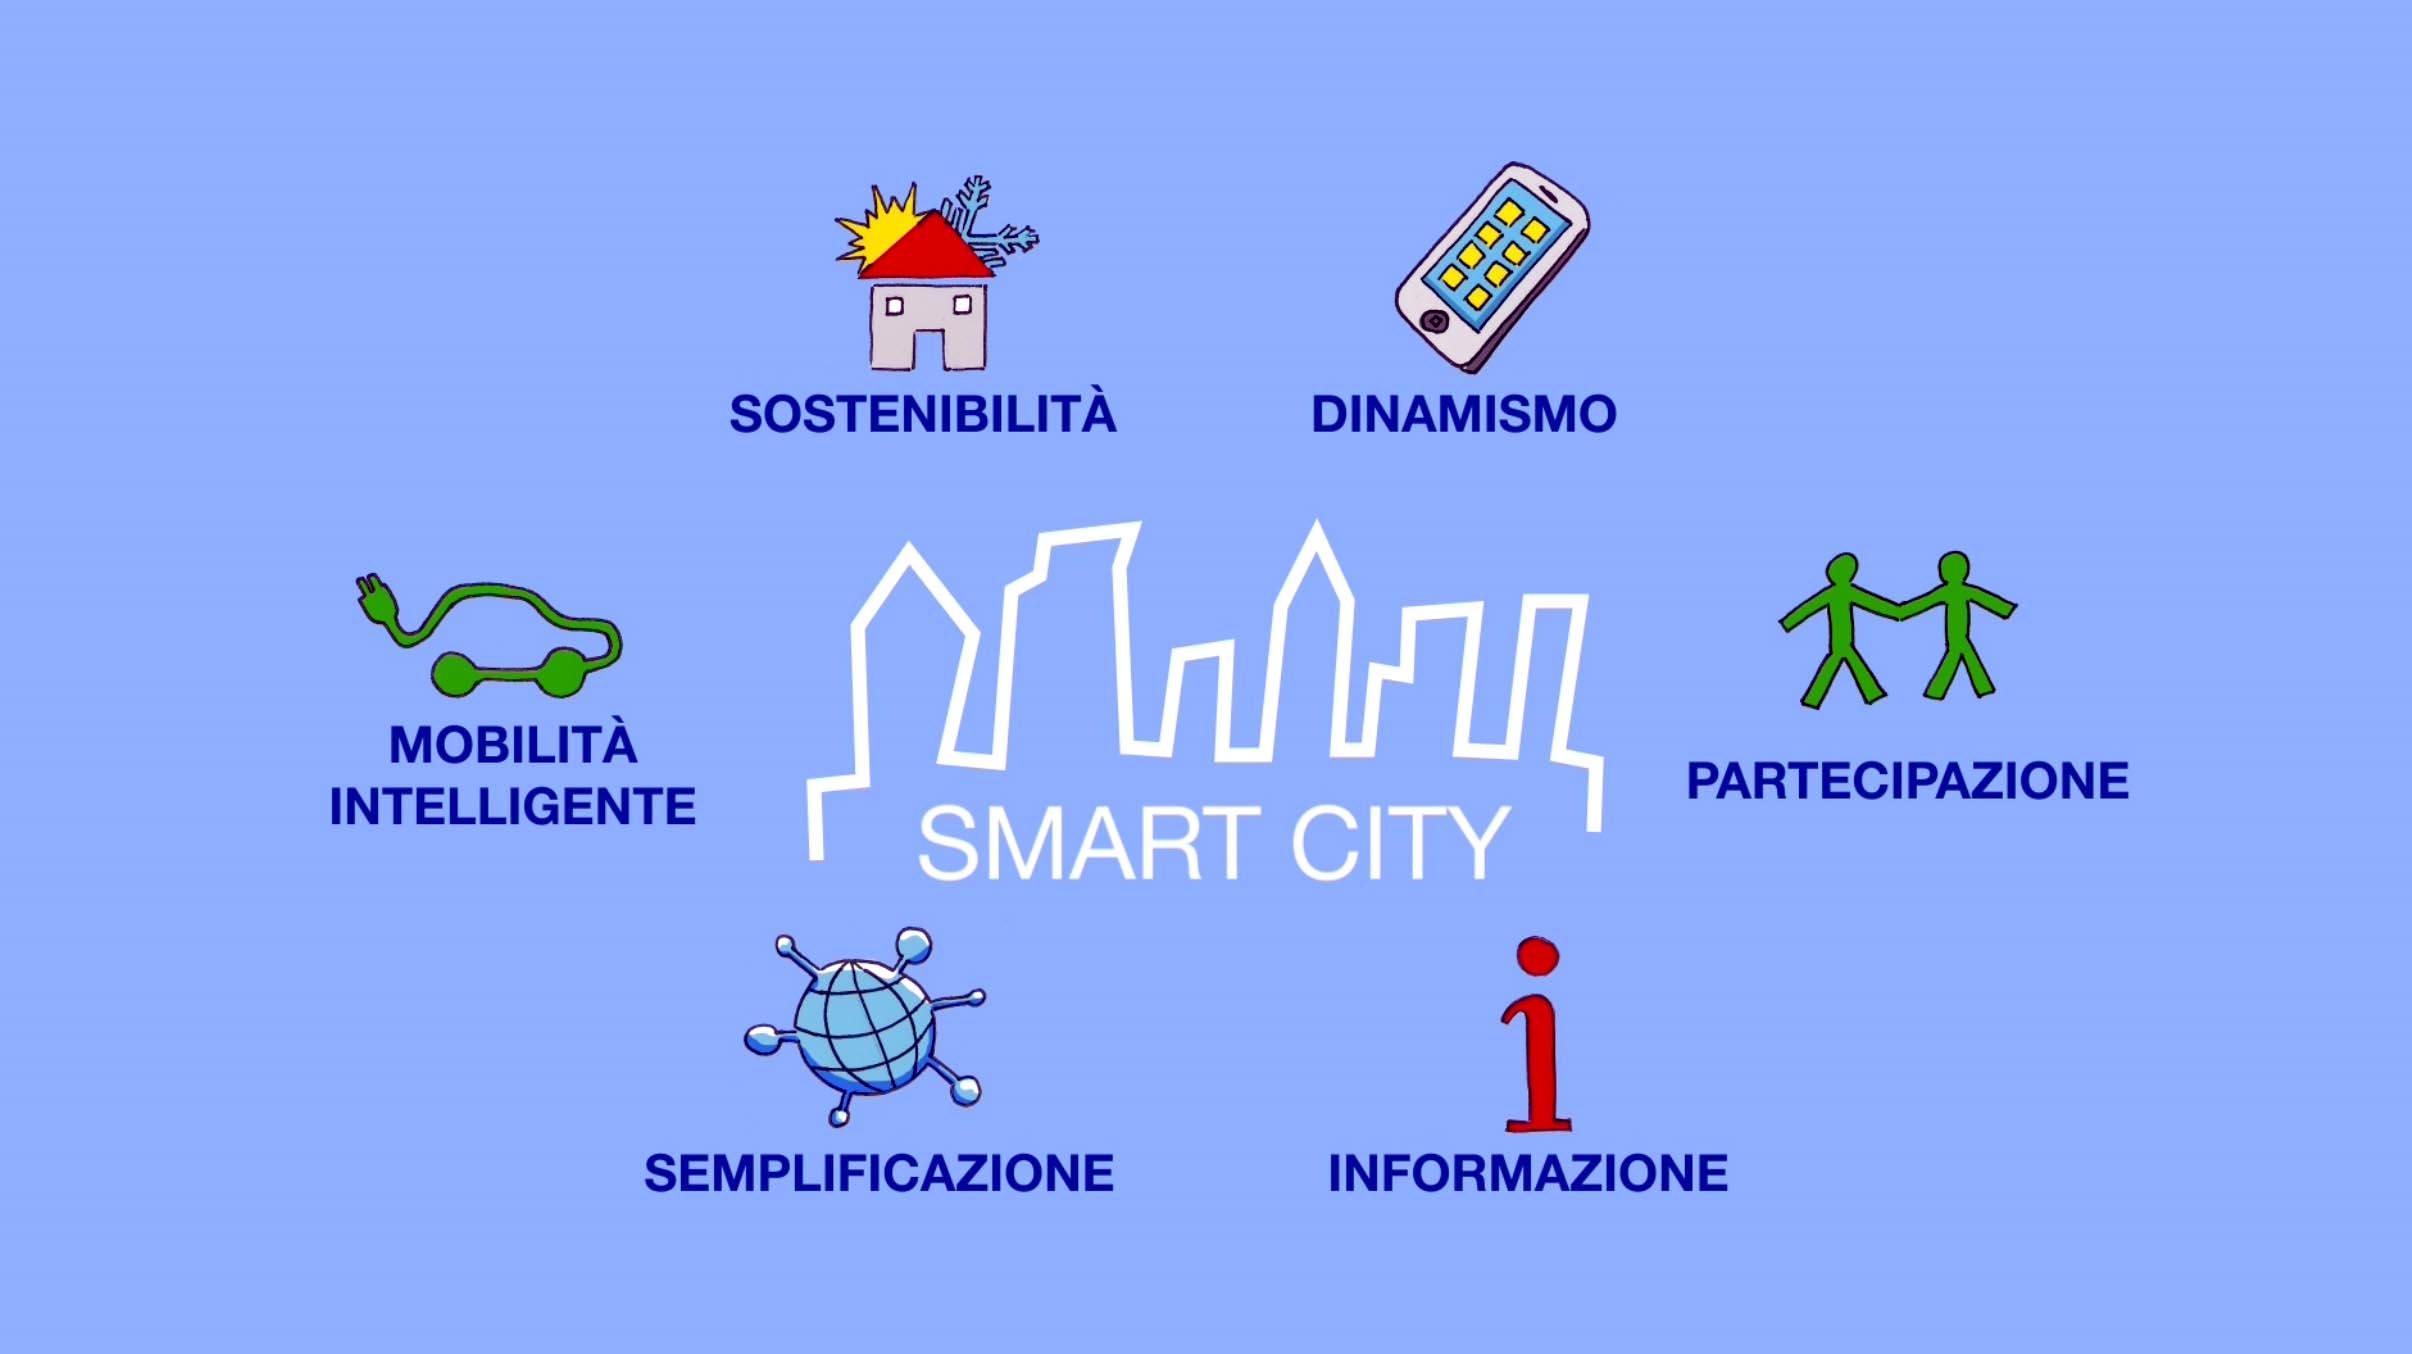 Nella giornata della Terra, le smart city sono l'obiettivo comune